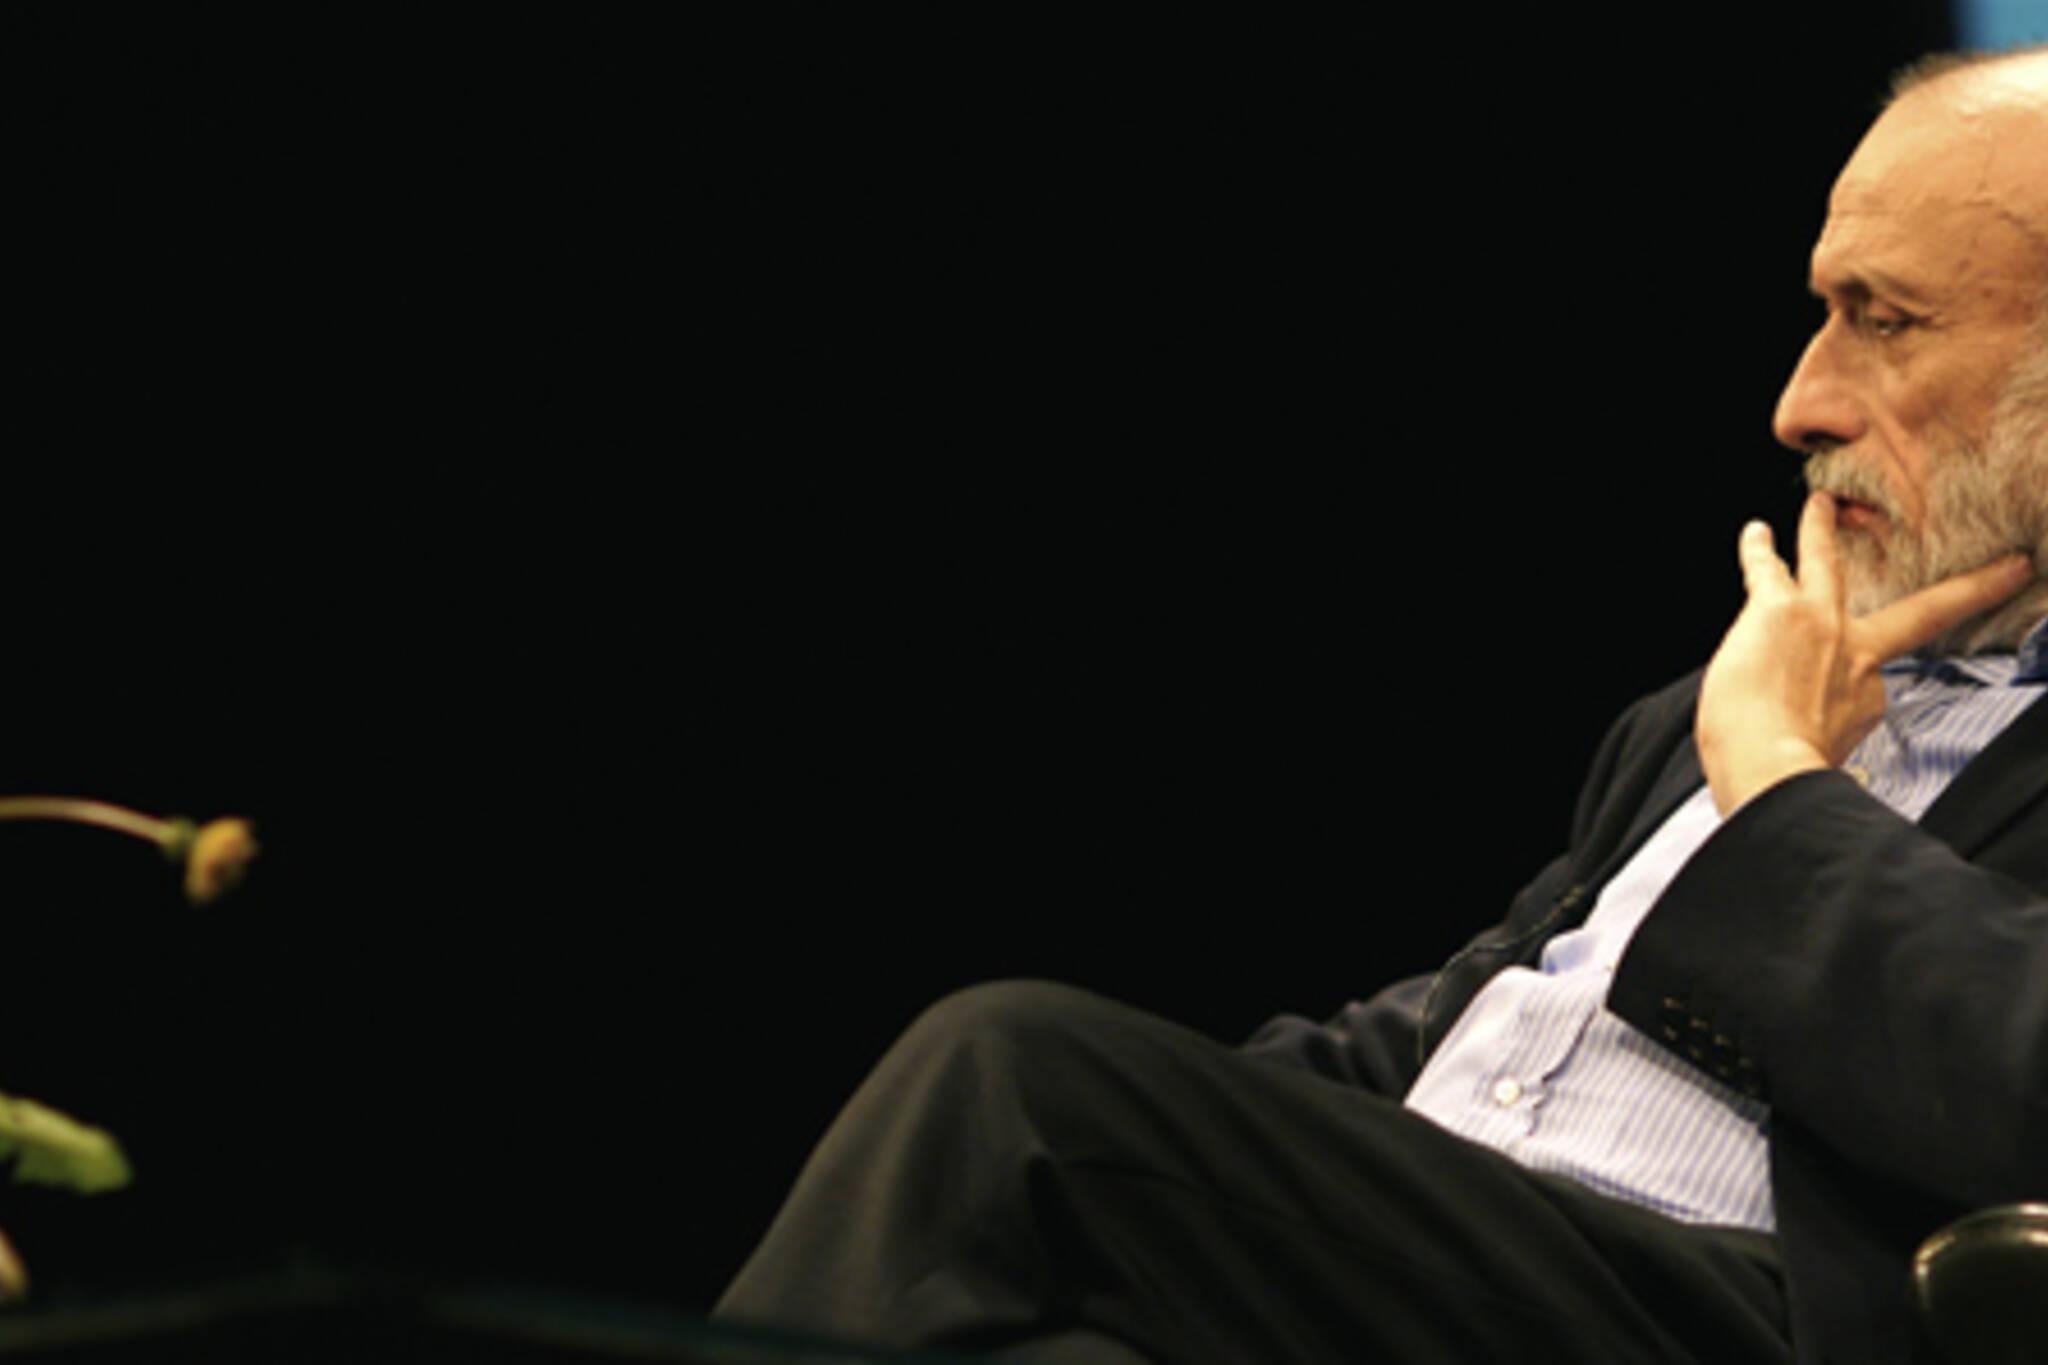 Carlo Petrini in Toronto